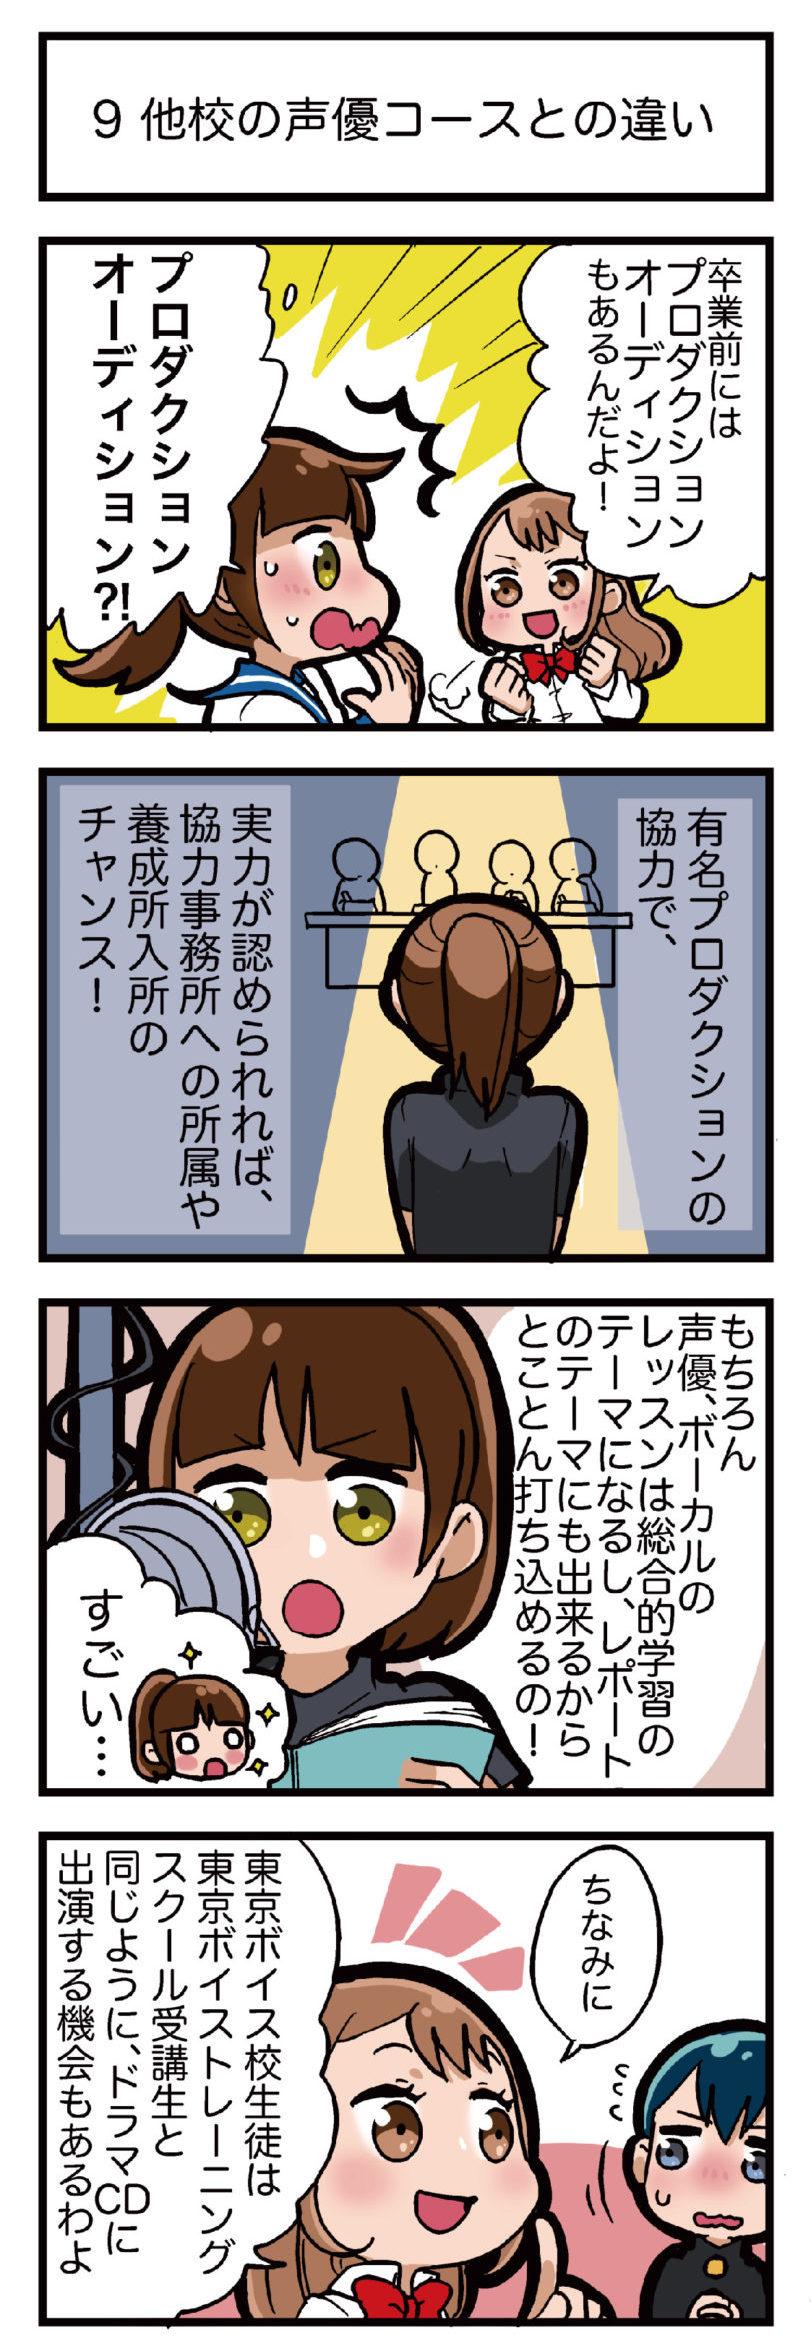 通信制の精華学園高校東京ボイス校の声優コースはプロも通う本格派だった